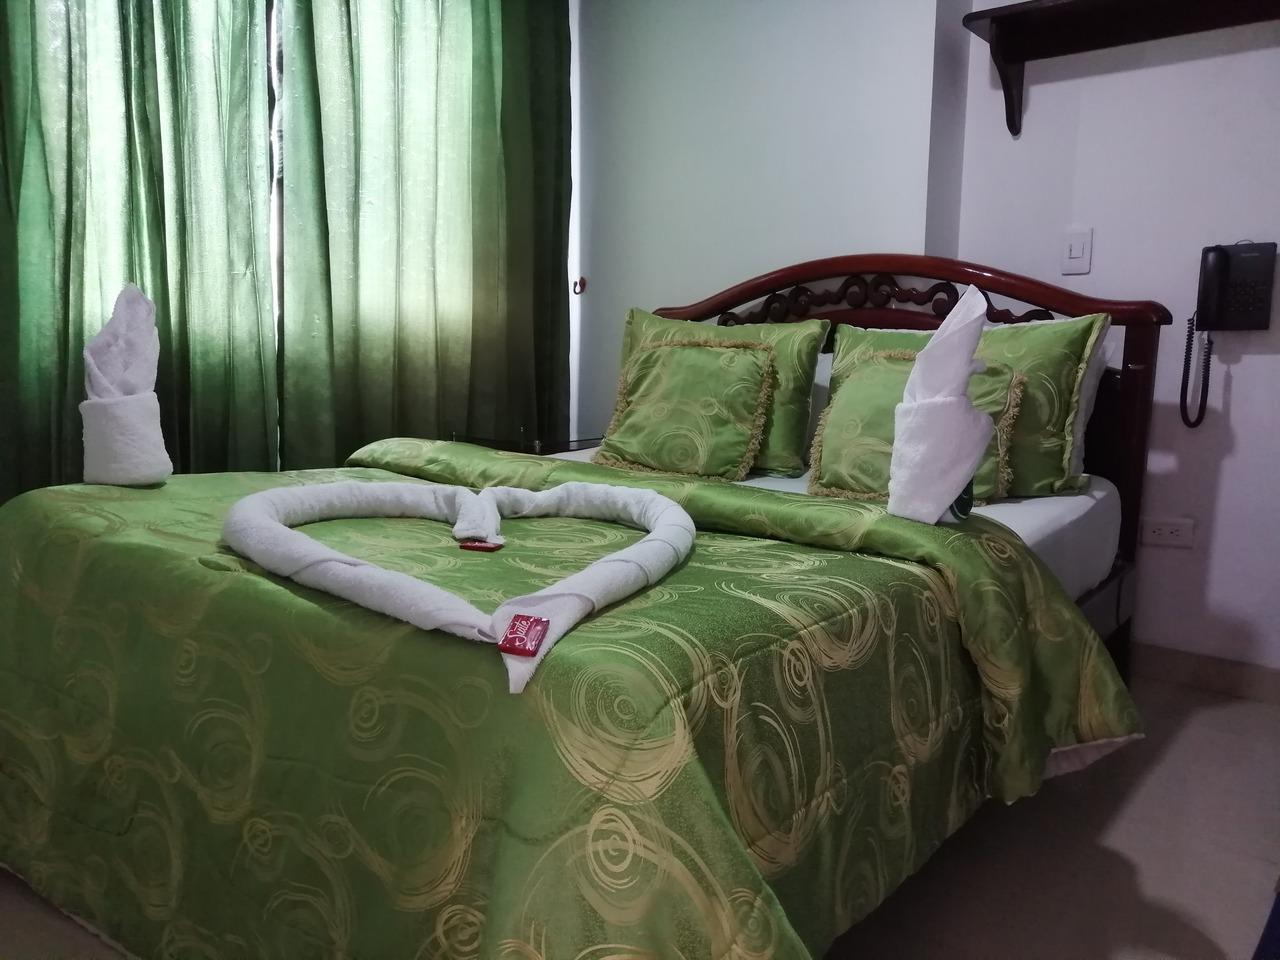 Hotel Los Balcones en Fontibón : MotelNow